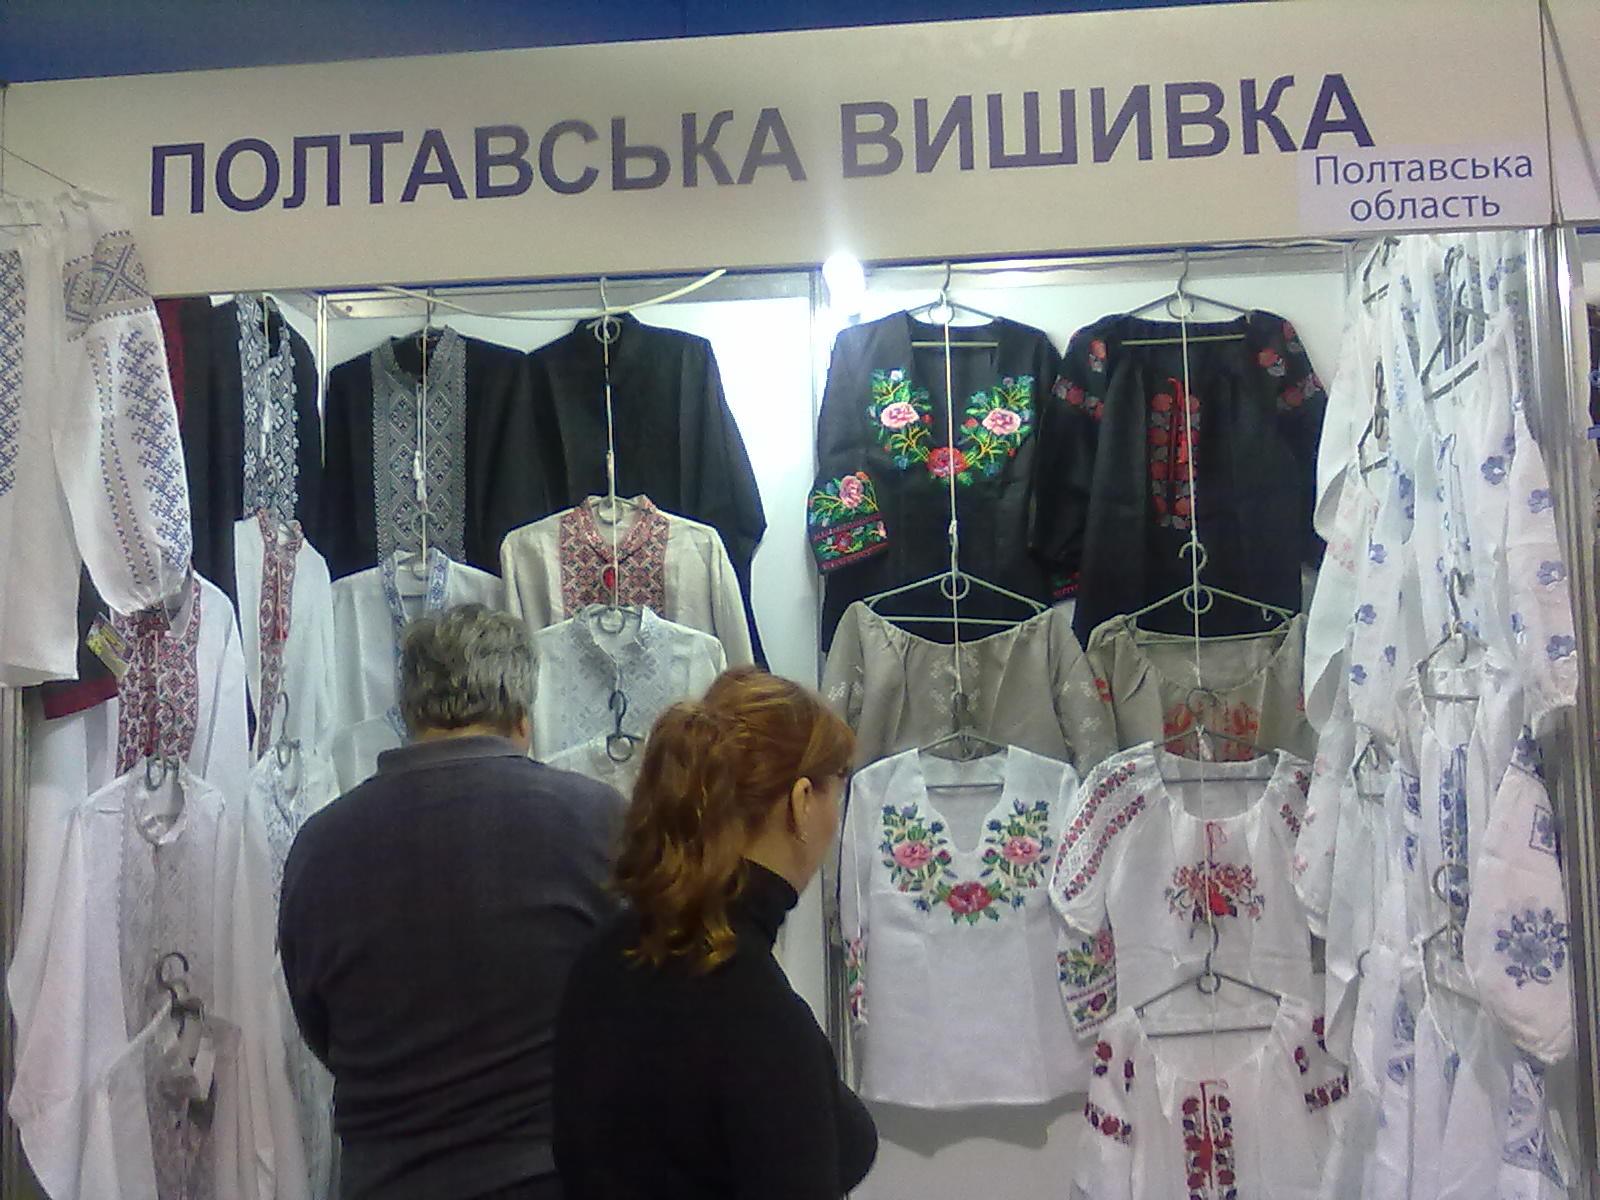 dd2a088343fbc3 ... пристали представники полтавської вишивки. Небагато робіт було «білим  по білому», як це прийнято, проте сорочка «чорним по чорному» насправді  здивувала.